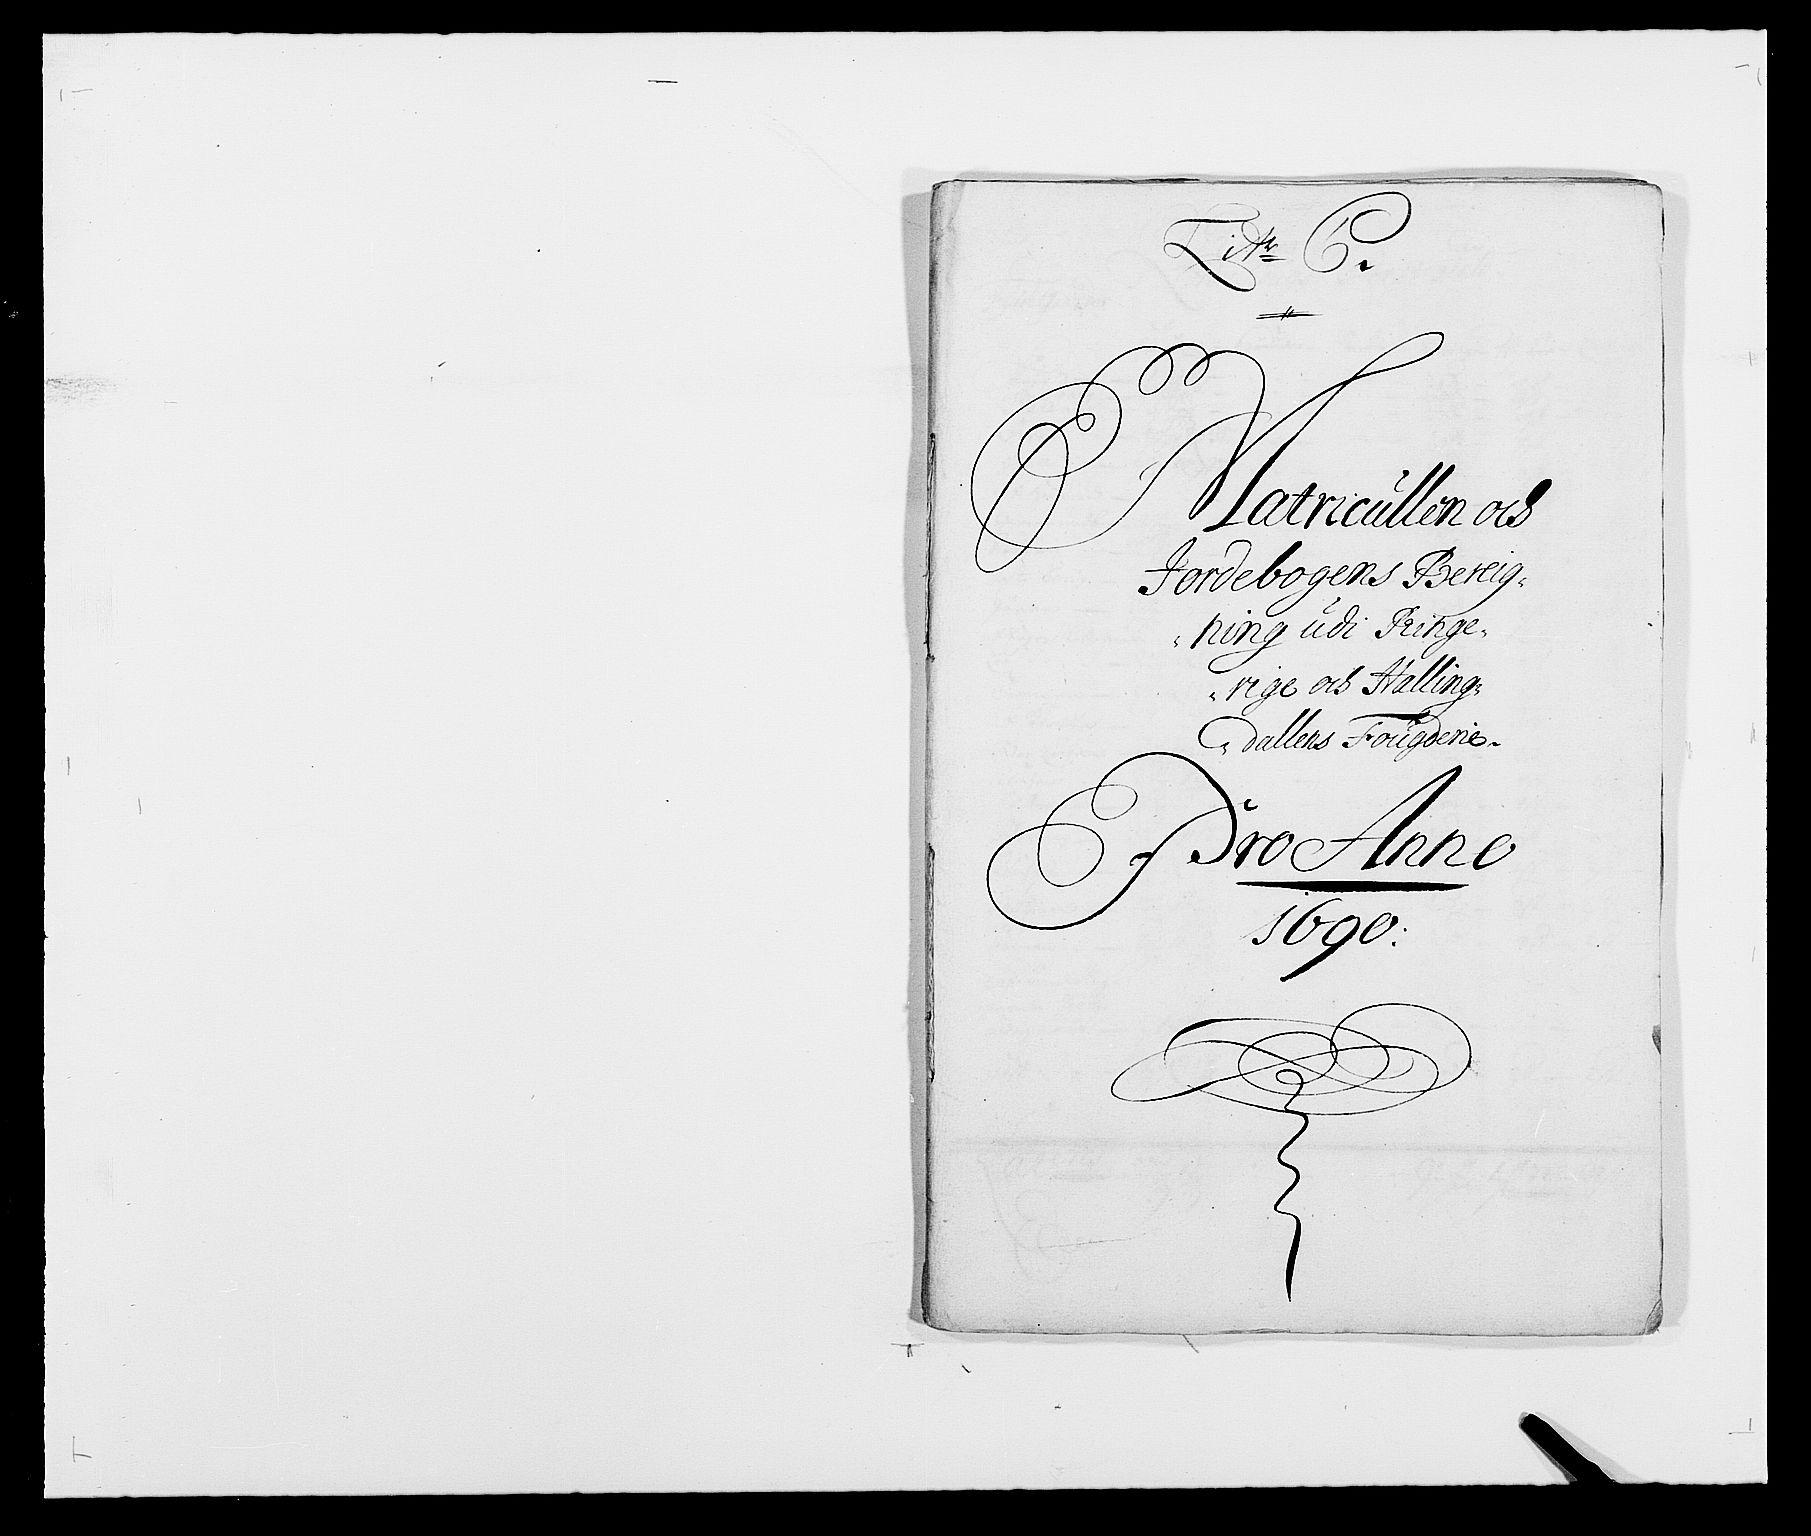 RA, Rentekammeret inntil 1814, Reviderte regnskaper, Fogderegnskap, R21/L1448: Fogderegnskap Ringerike og Hallingdal, 1690-1692, s. 23